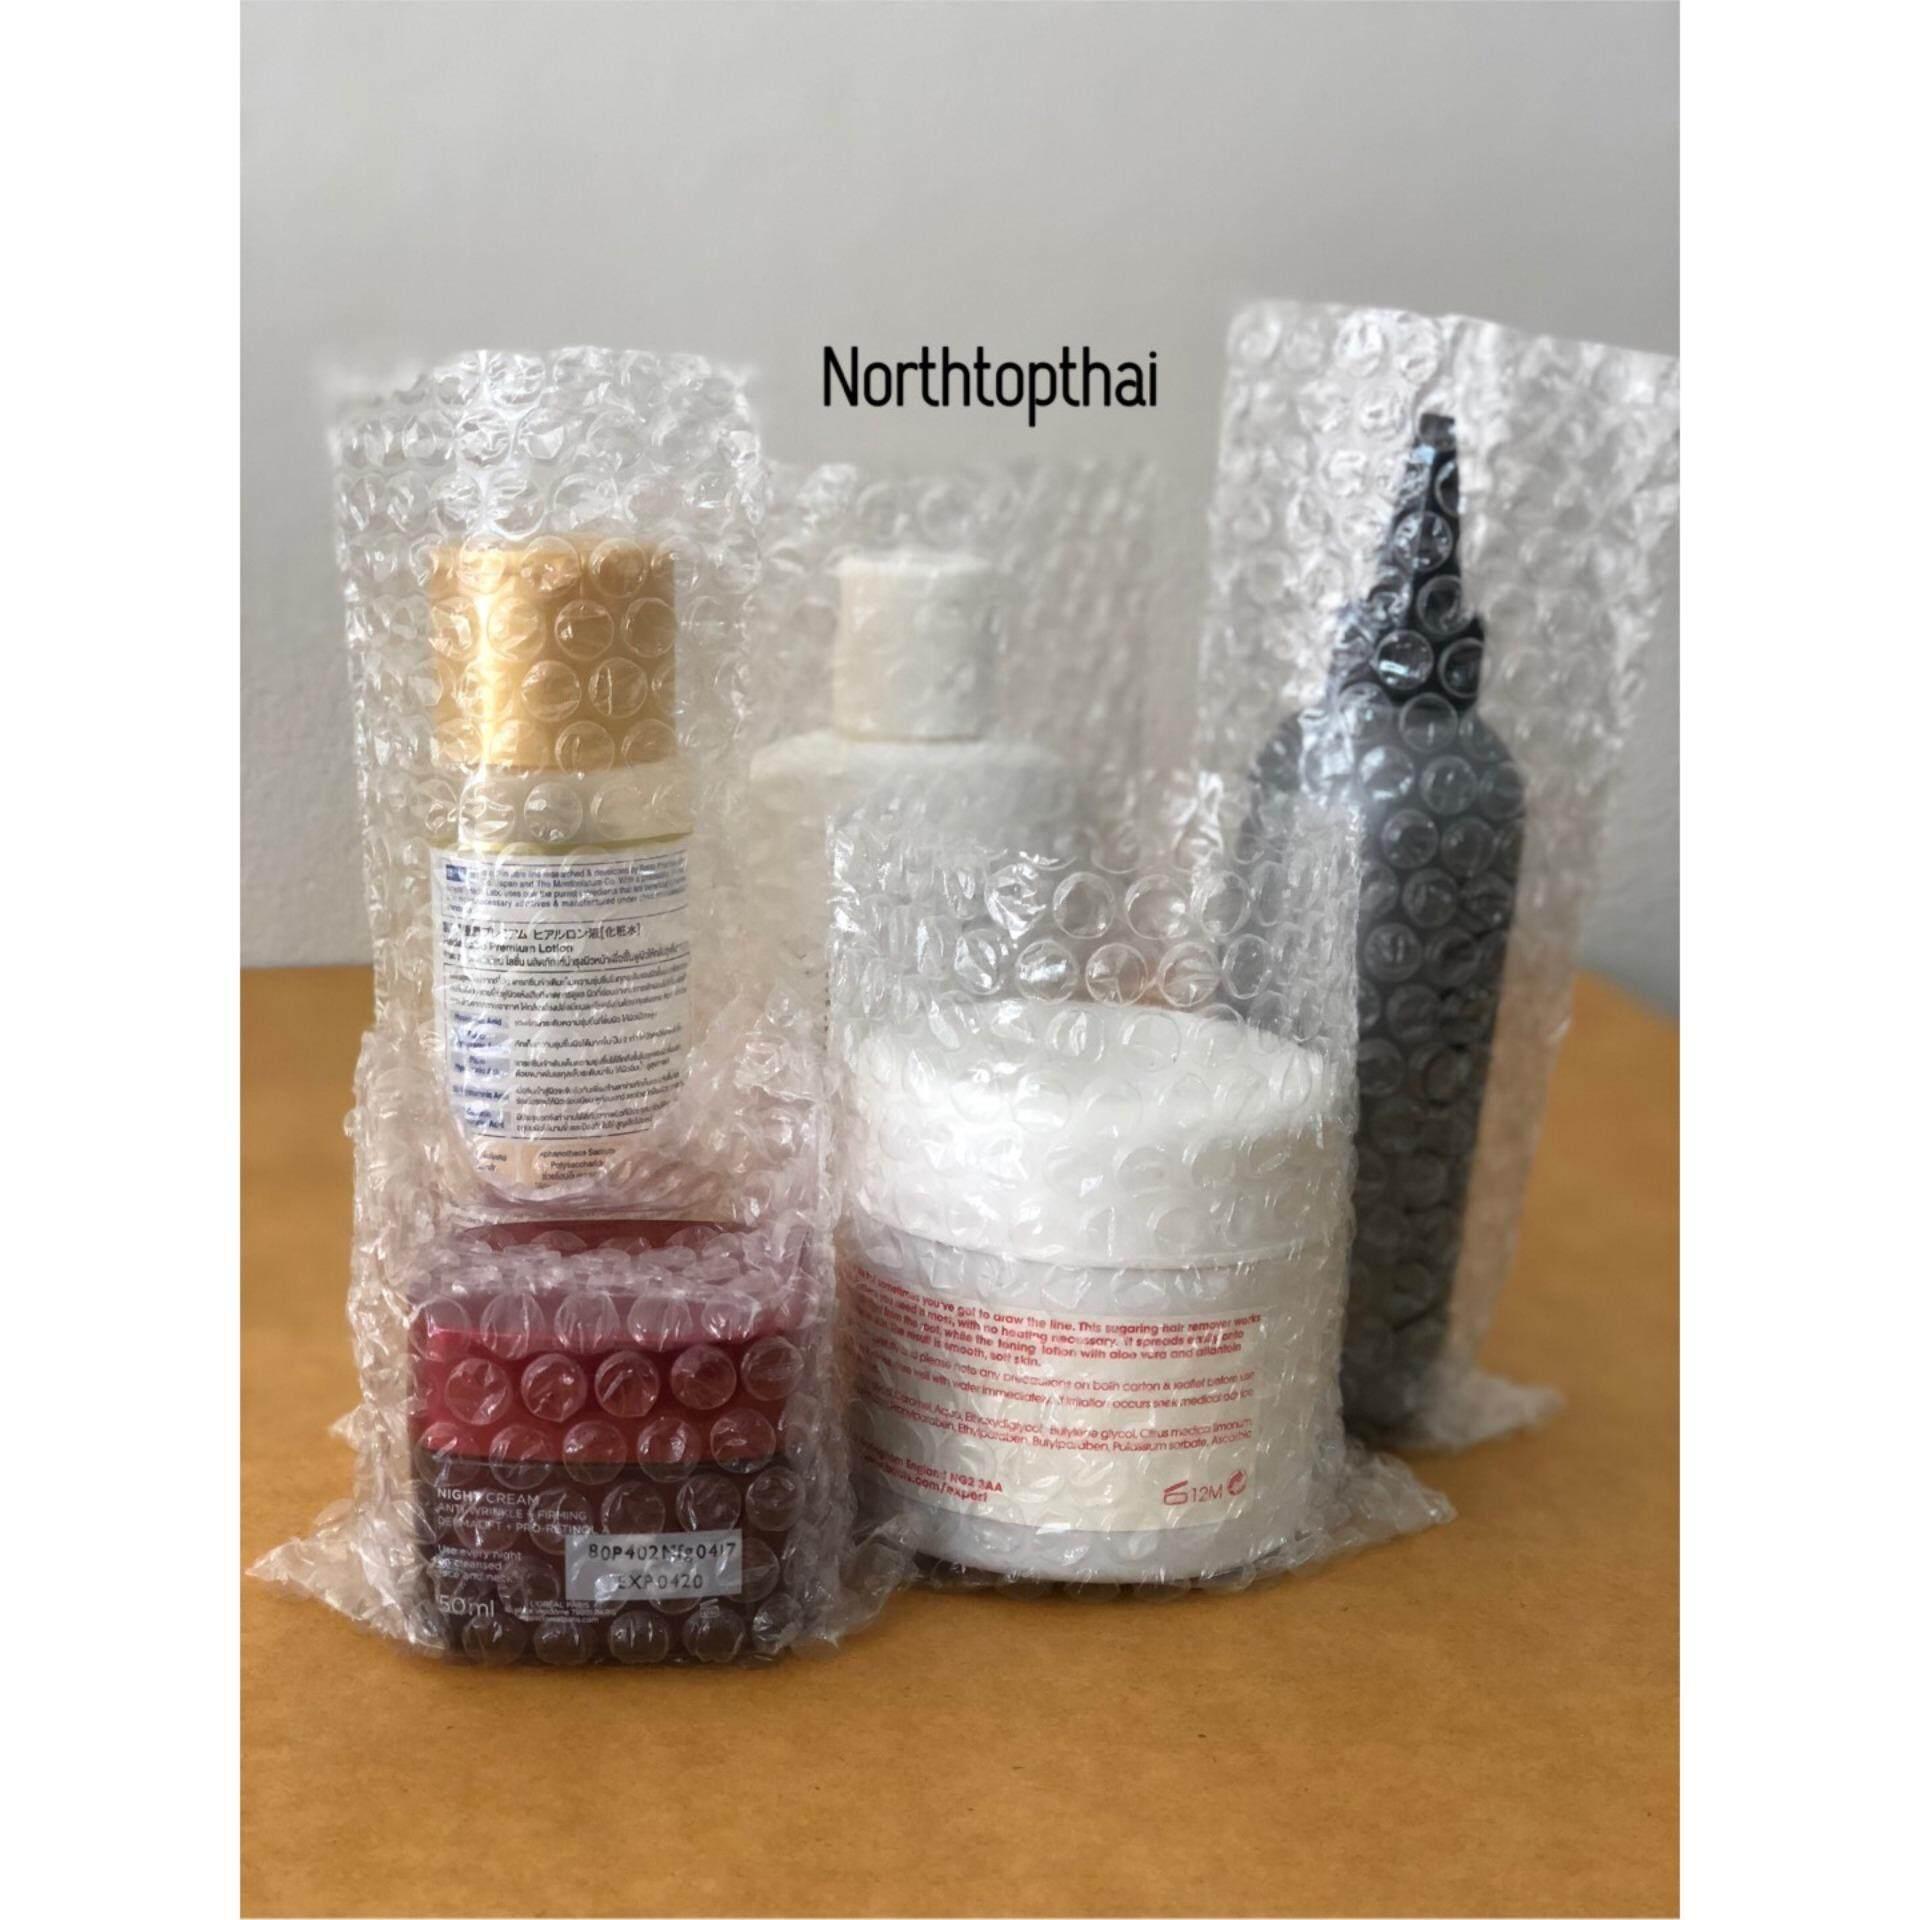 ซื้อ พลาสติกกันกระแทก ขนาด 9X13 ซม จำนวน 200 ซอง ต่อ 1 แพ็ค แอร์บับเบิ้ล Air Bubble Bag ใหม่ล่าสุด